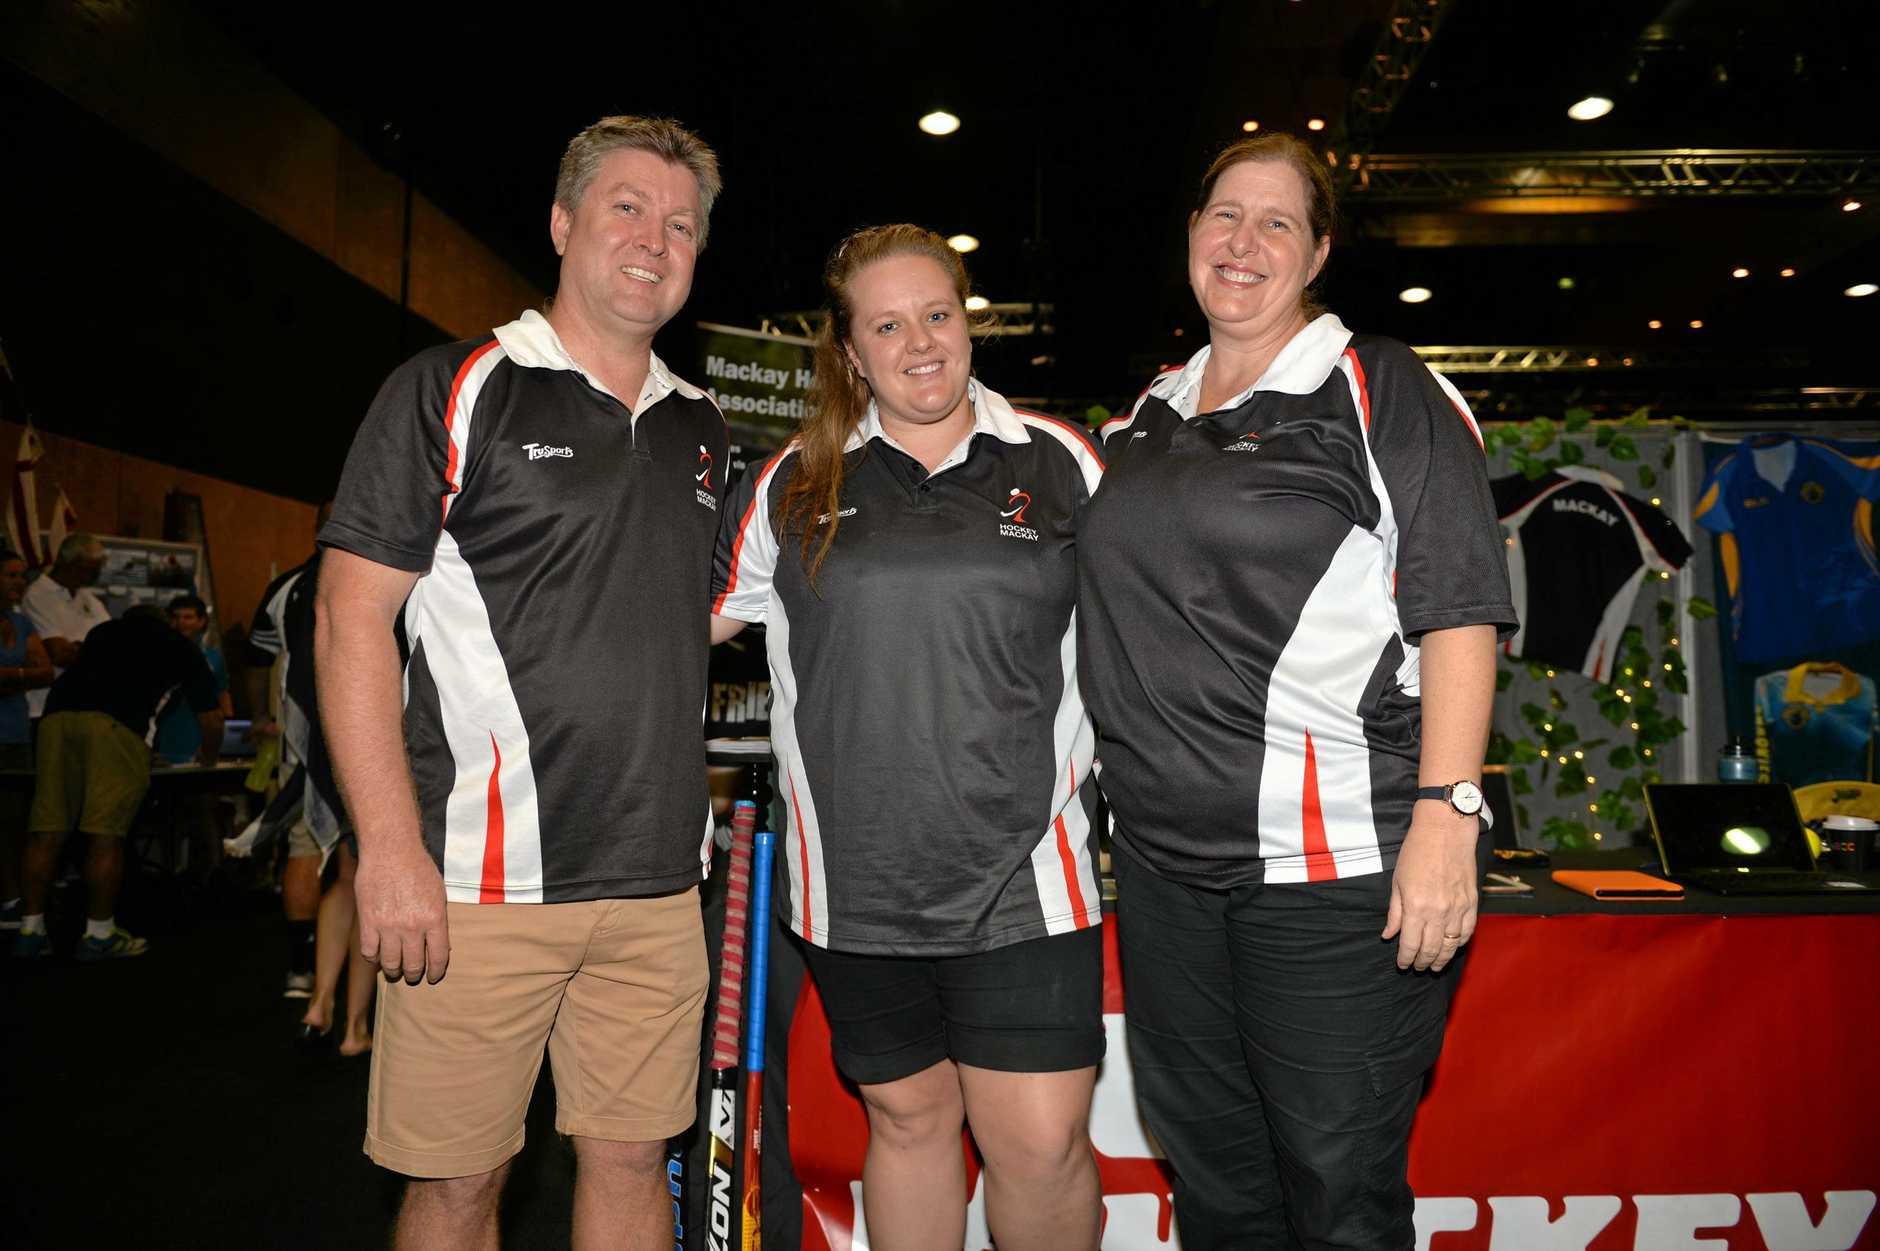 Justin Spyve, Elizabeth Bridgeman and Antoinette Westcott from Mackay Hockey.